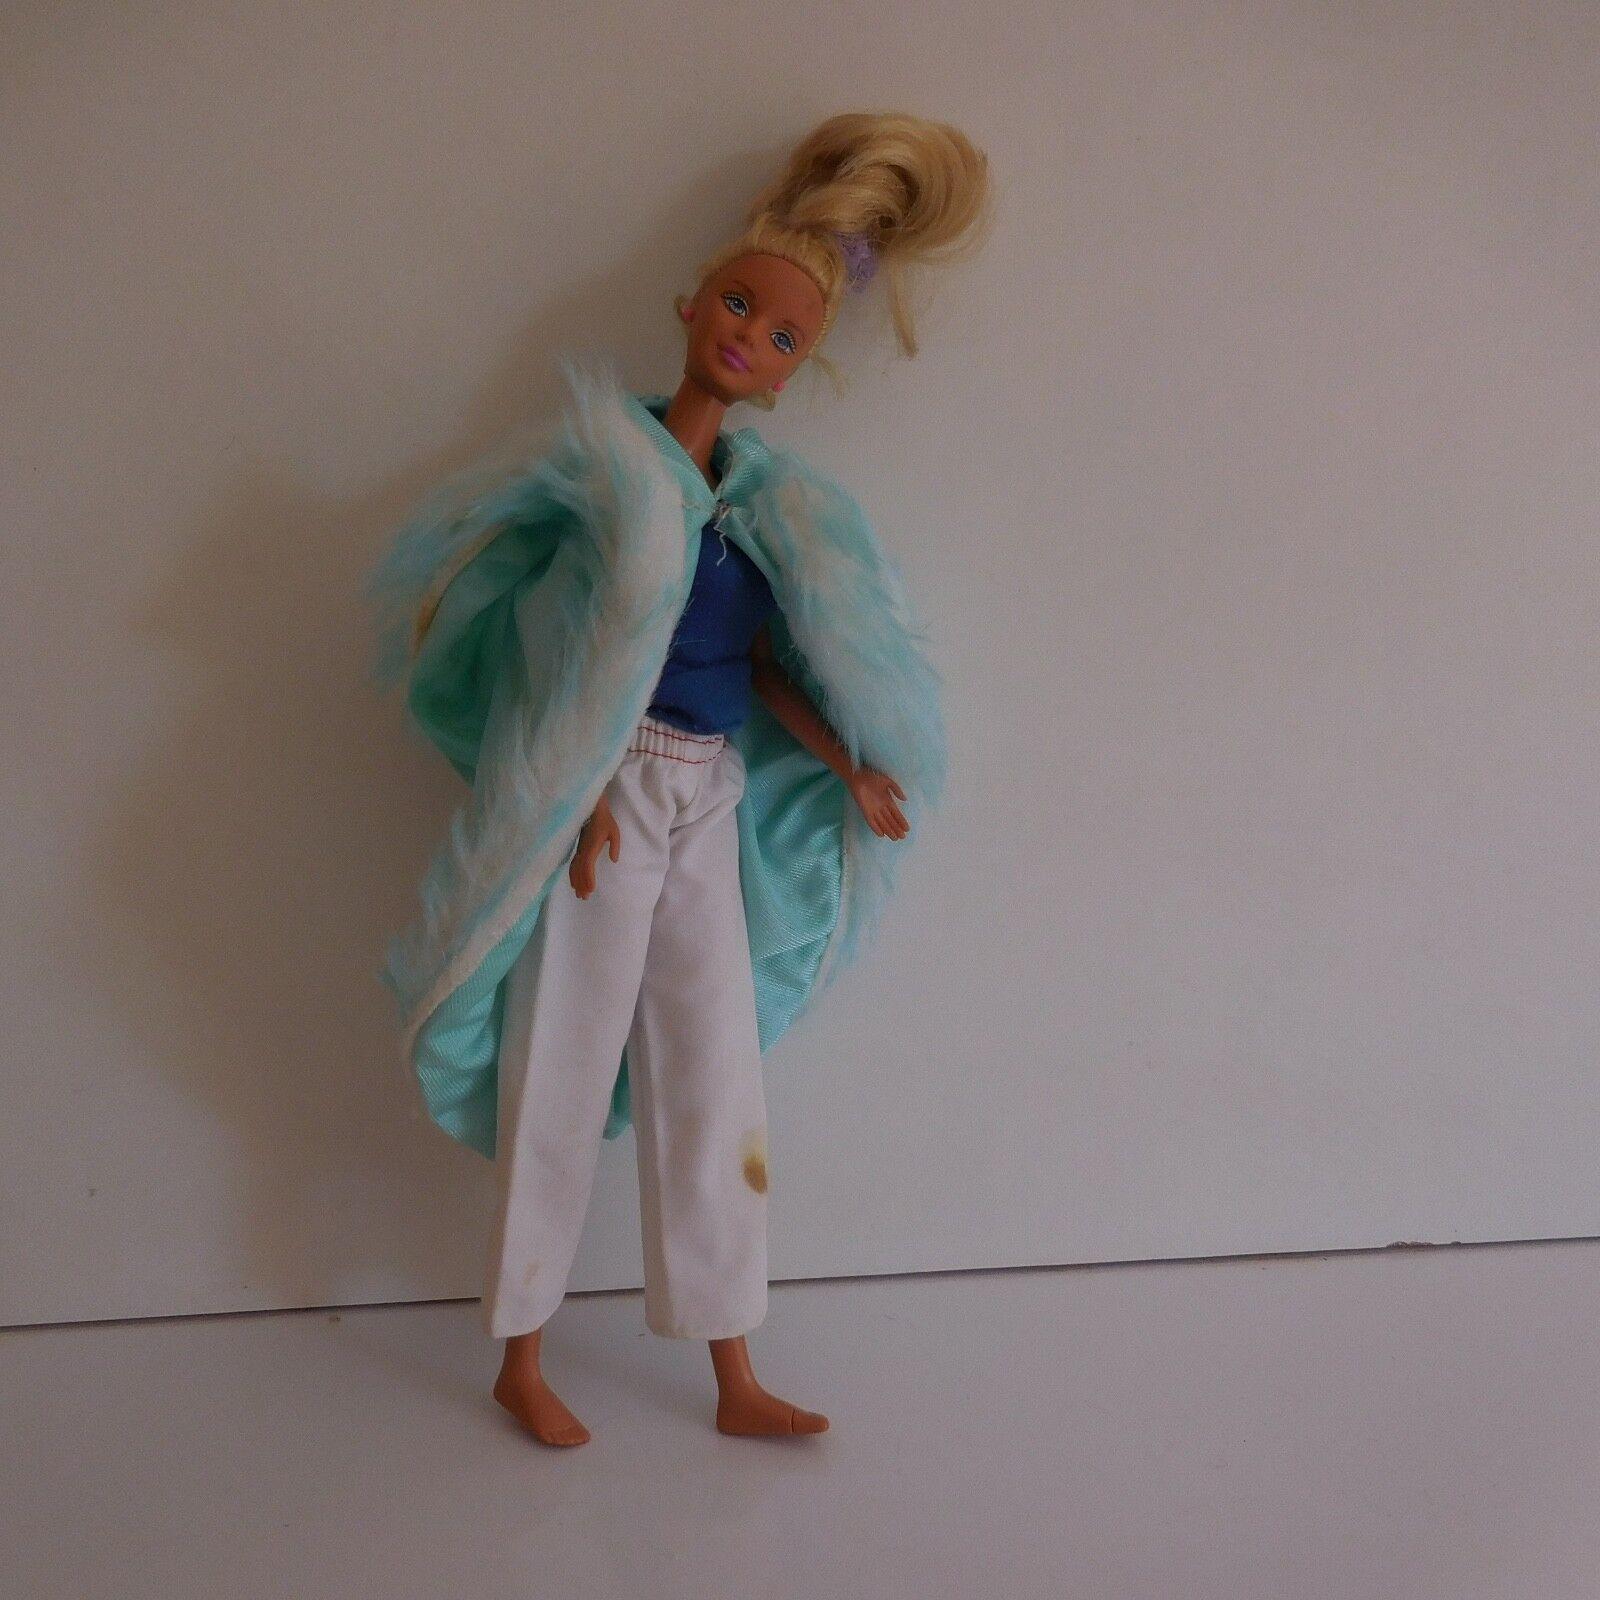 Poupée Mattel collection 1991 artiste mode vintage XXe PN France